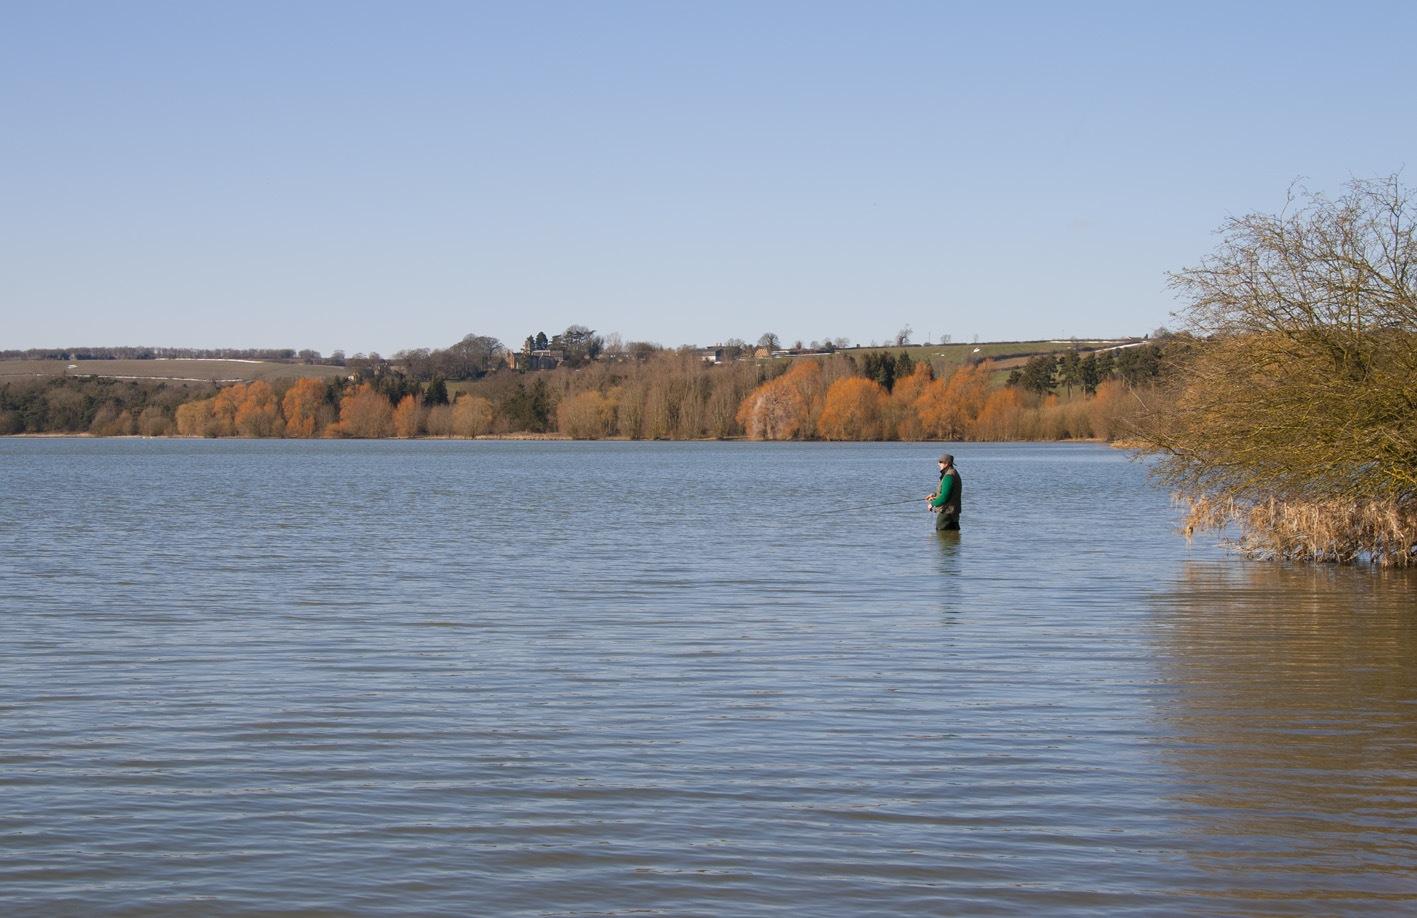 Ausreichend Abstand zum nächsten Fischer gebietet der Abstand - selbst wenn dieser mehr fängt als man selbst